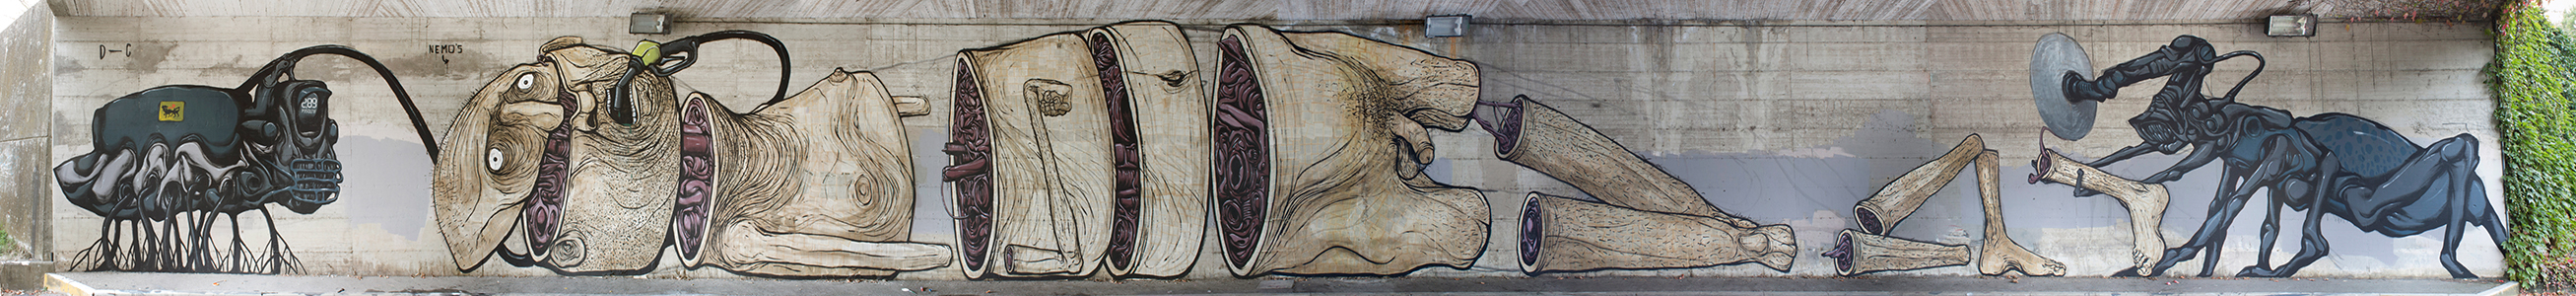 Nemo's-dissensocognitivo-natura-morta-mural-01